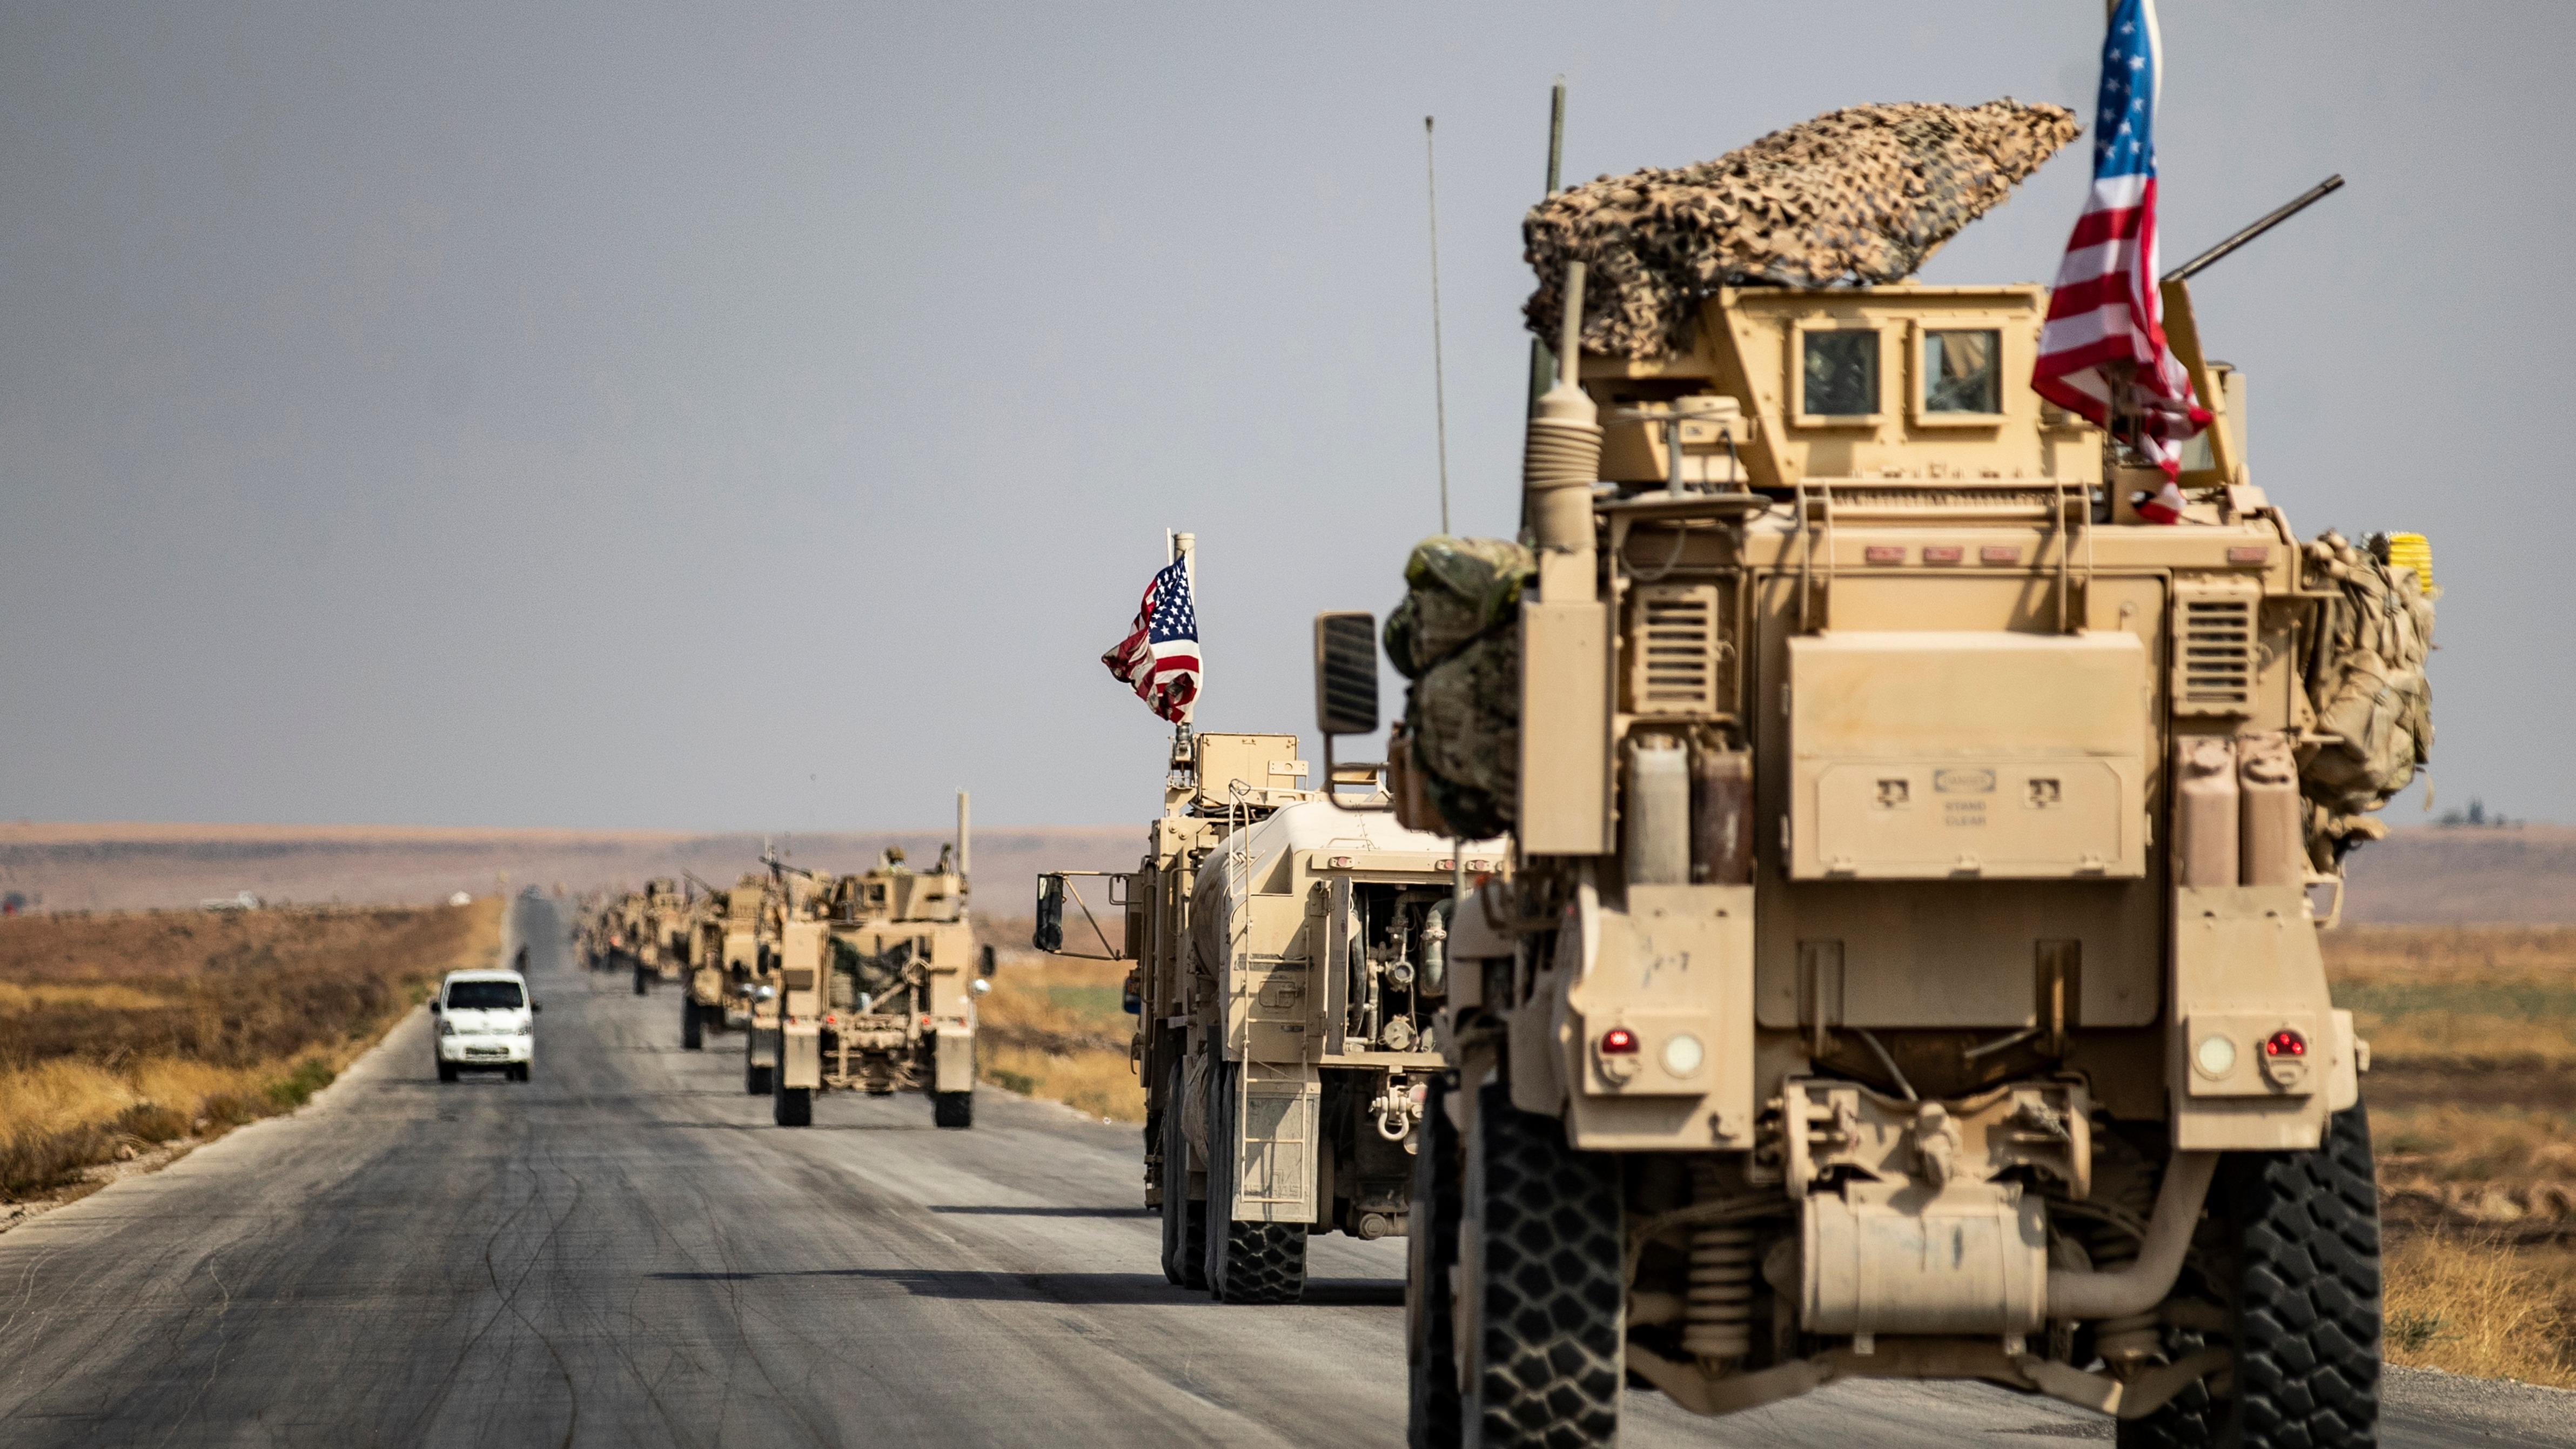 Tropas estadounidenses de la coalición internacional salieron de Siria y se dirigen a Irak para defender ese territorio y combatir al grupo terrorista Estado Islámico.